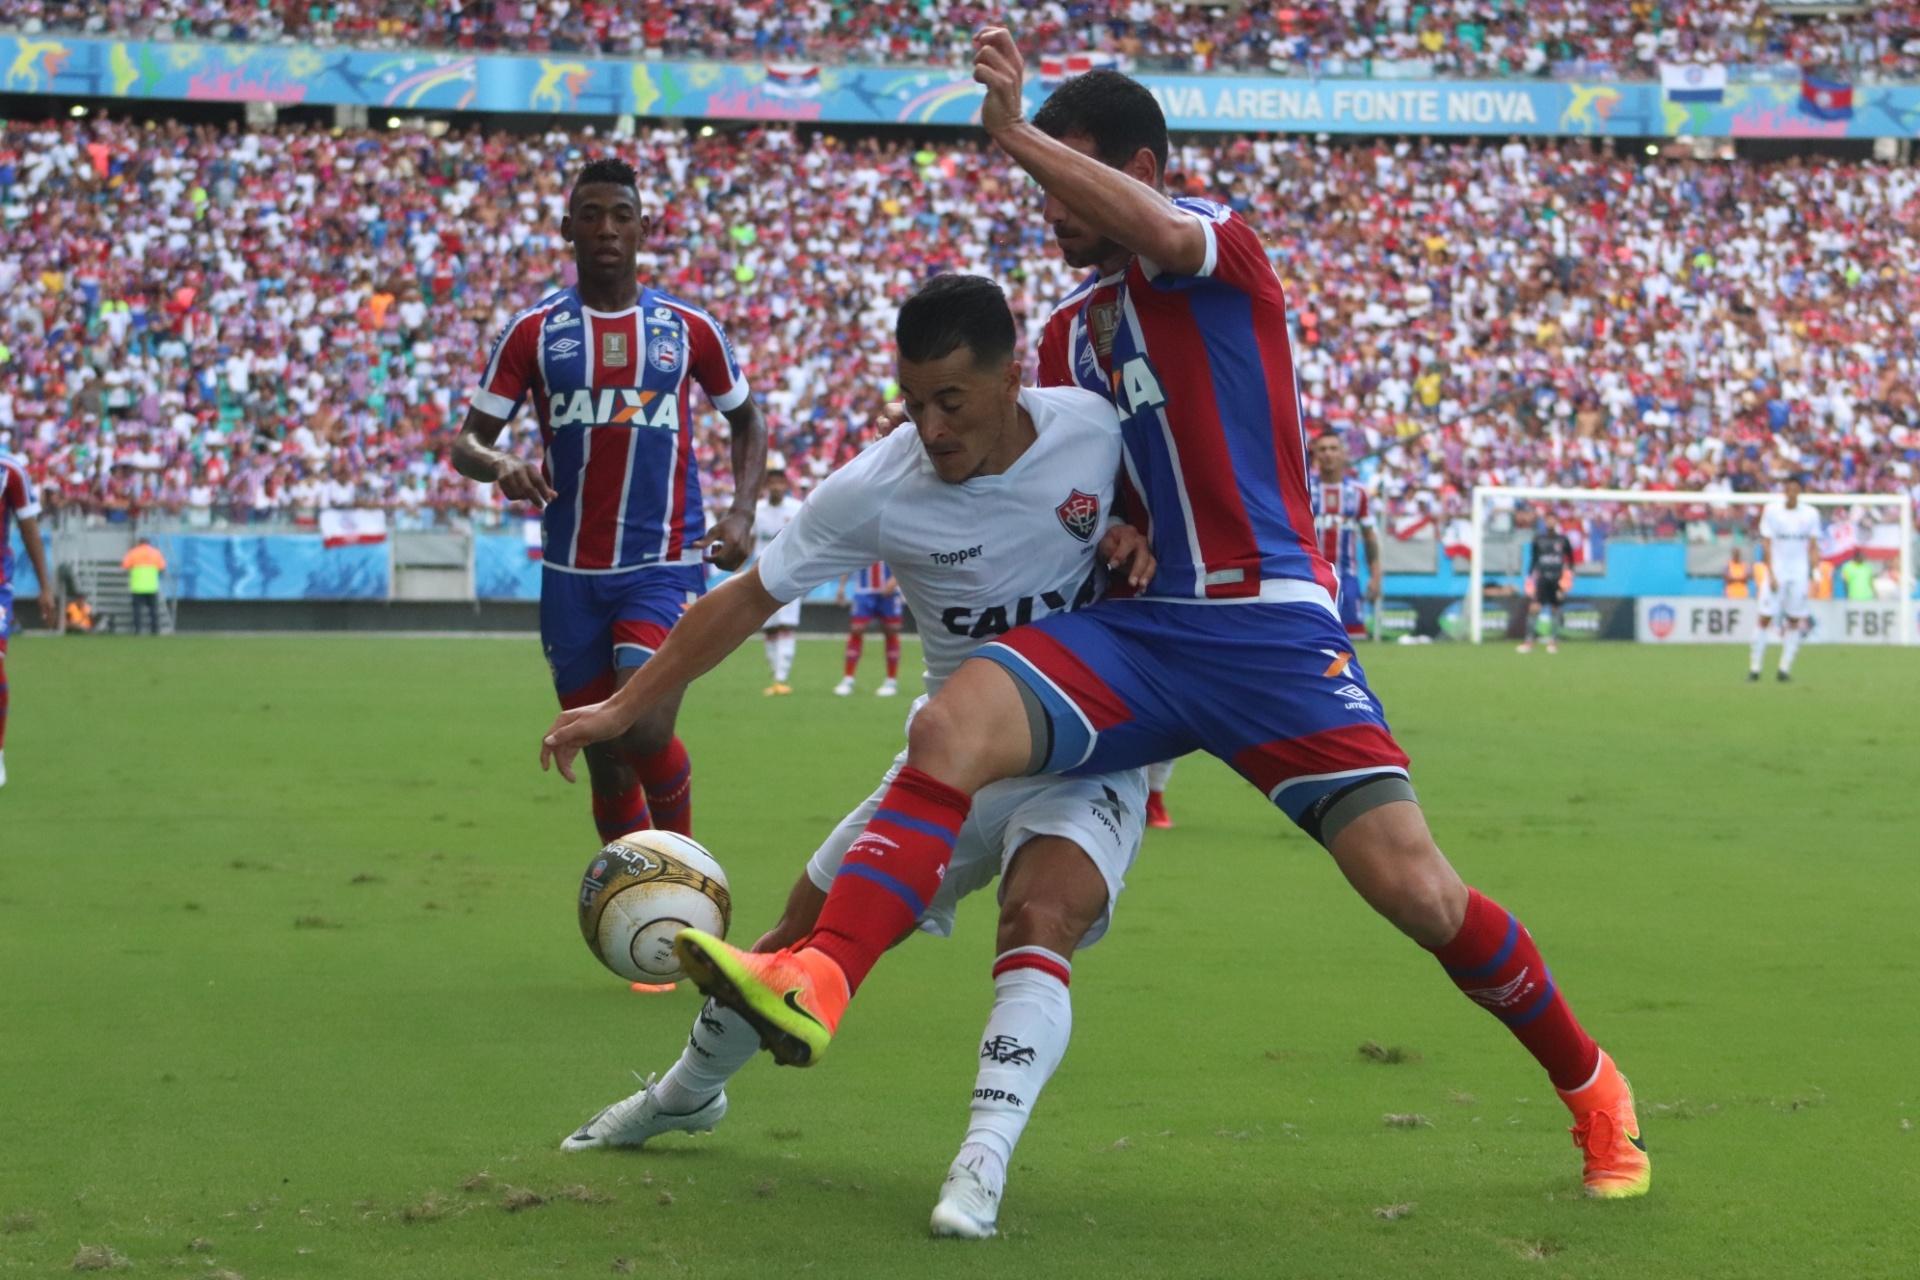 Bahia e Vitória decidem título no Barradão. Veja tabus que estão em jogo -  08 04 2018 - UOL Esporte 40957c10523d1